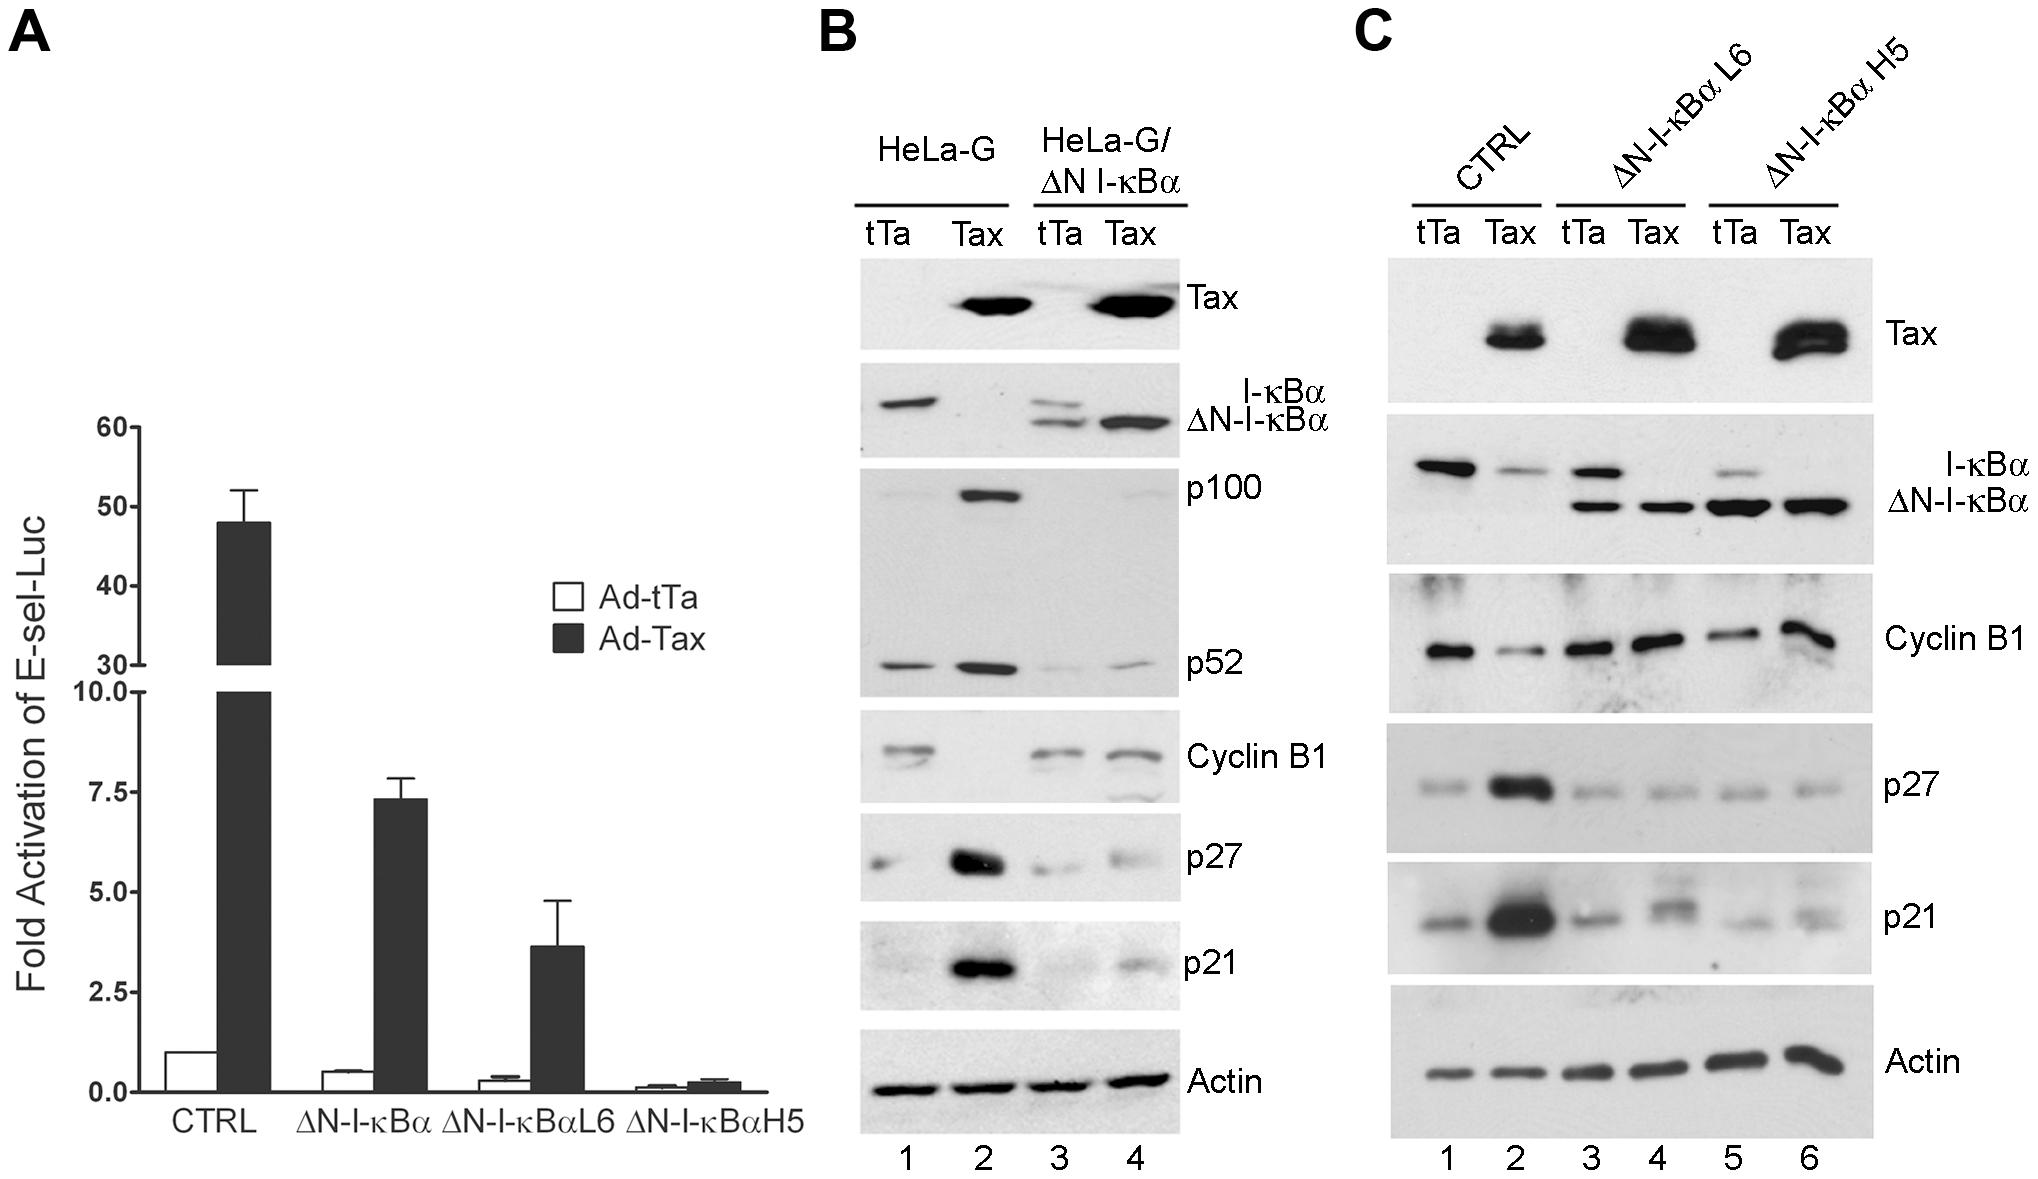 ΔN-I-κBα, a degradation-resistant form of I-κBα, blocks Tax-mediated activation of NF-κB, induction of p21 and p27, and down-regulation of cyclin B.